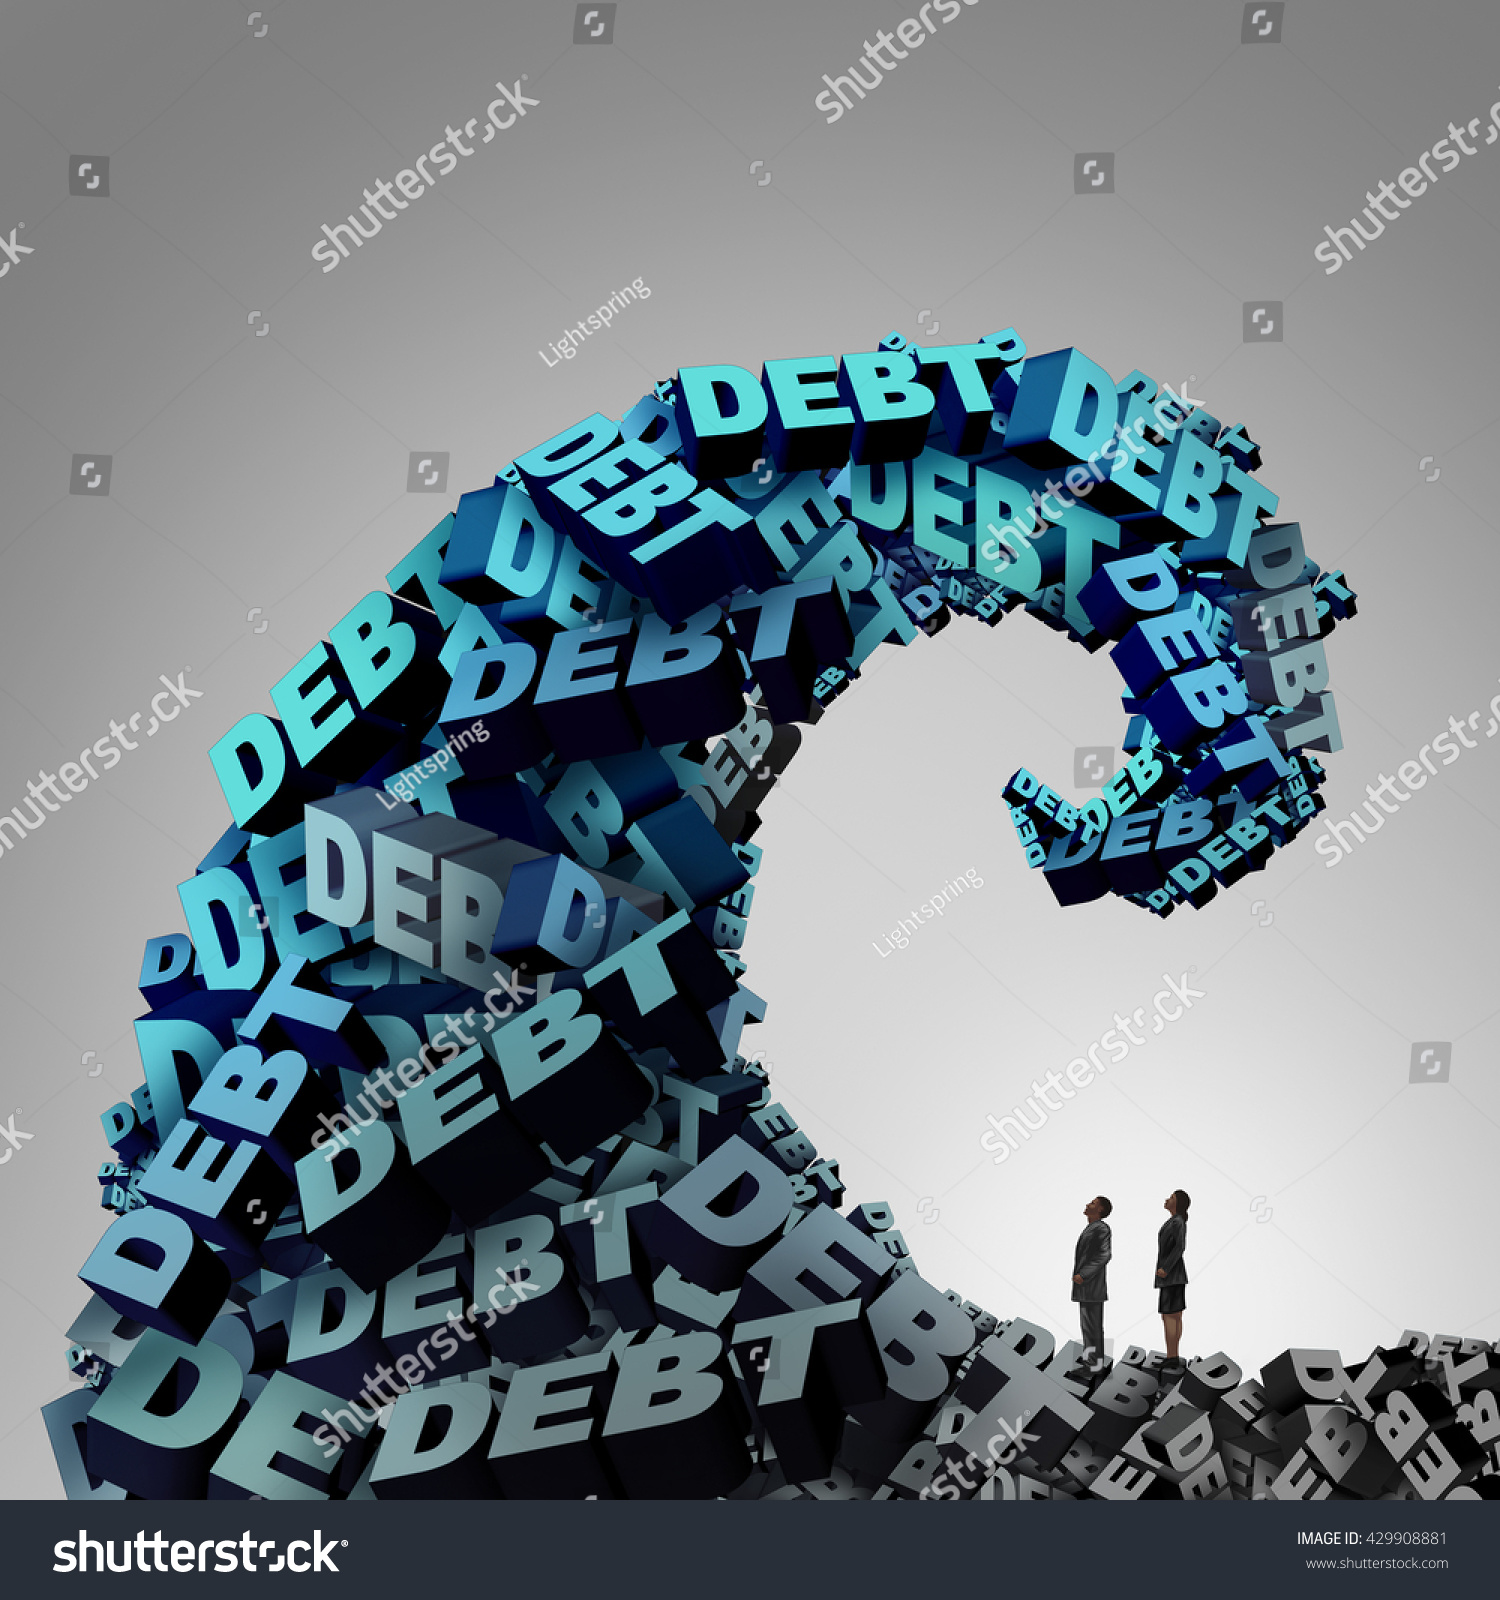 Debt Pressure Financial Concept Huge Wave Stock Illustration